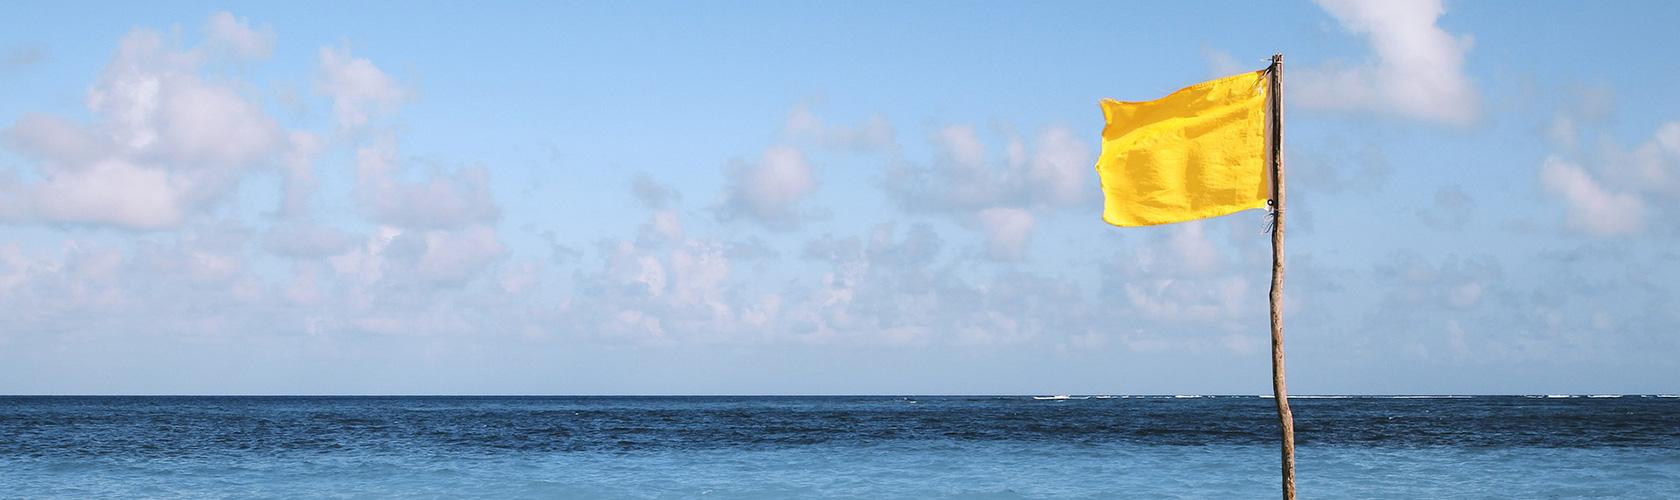 Eine gelbe Flagge weht im Wind. Im Hintergrund das Meer